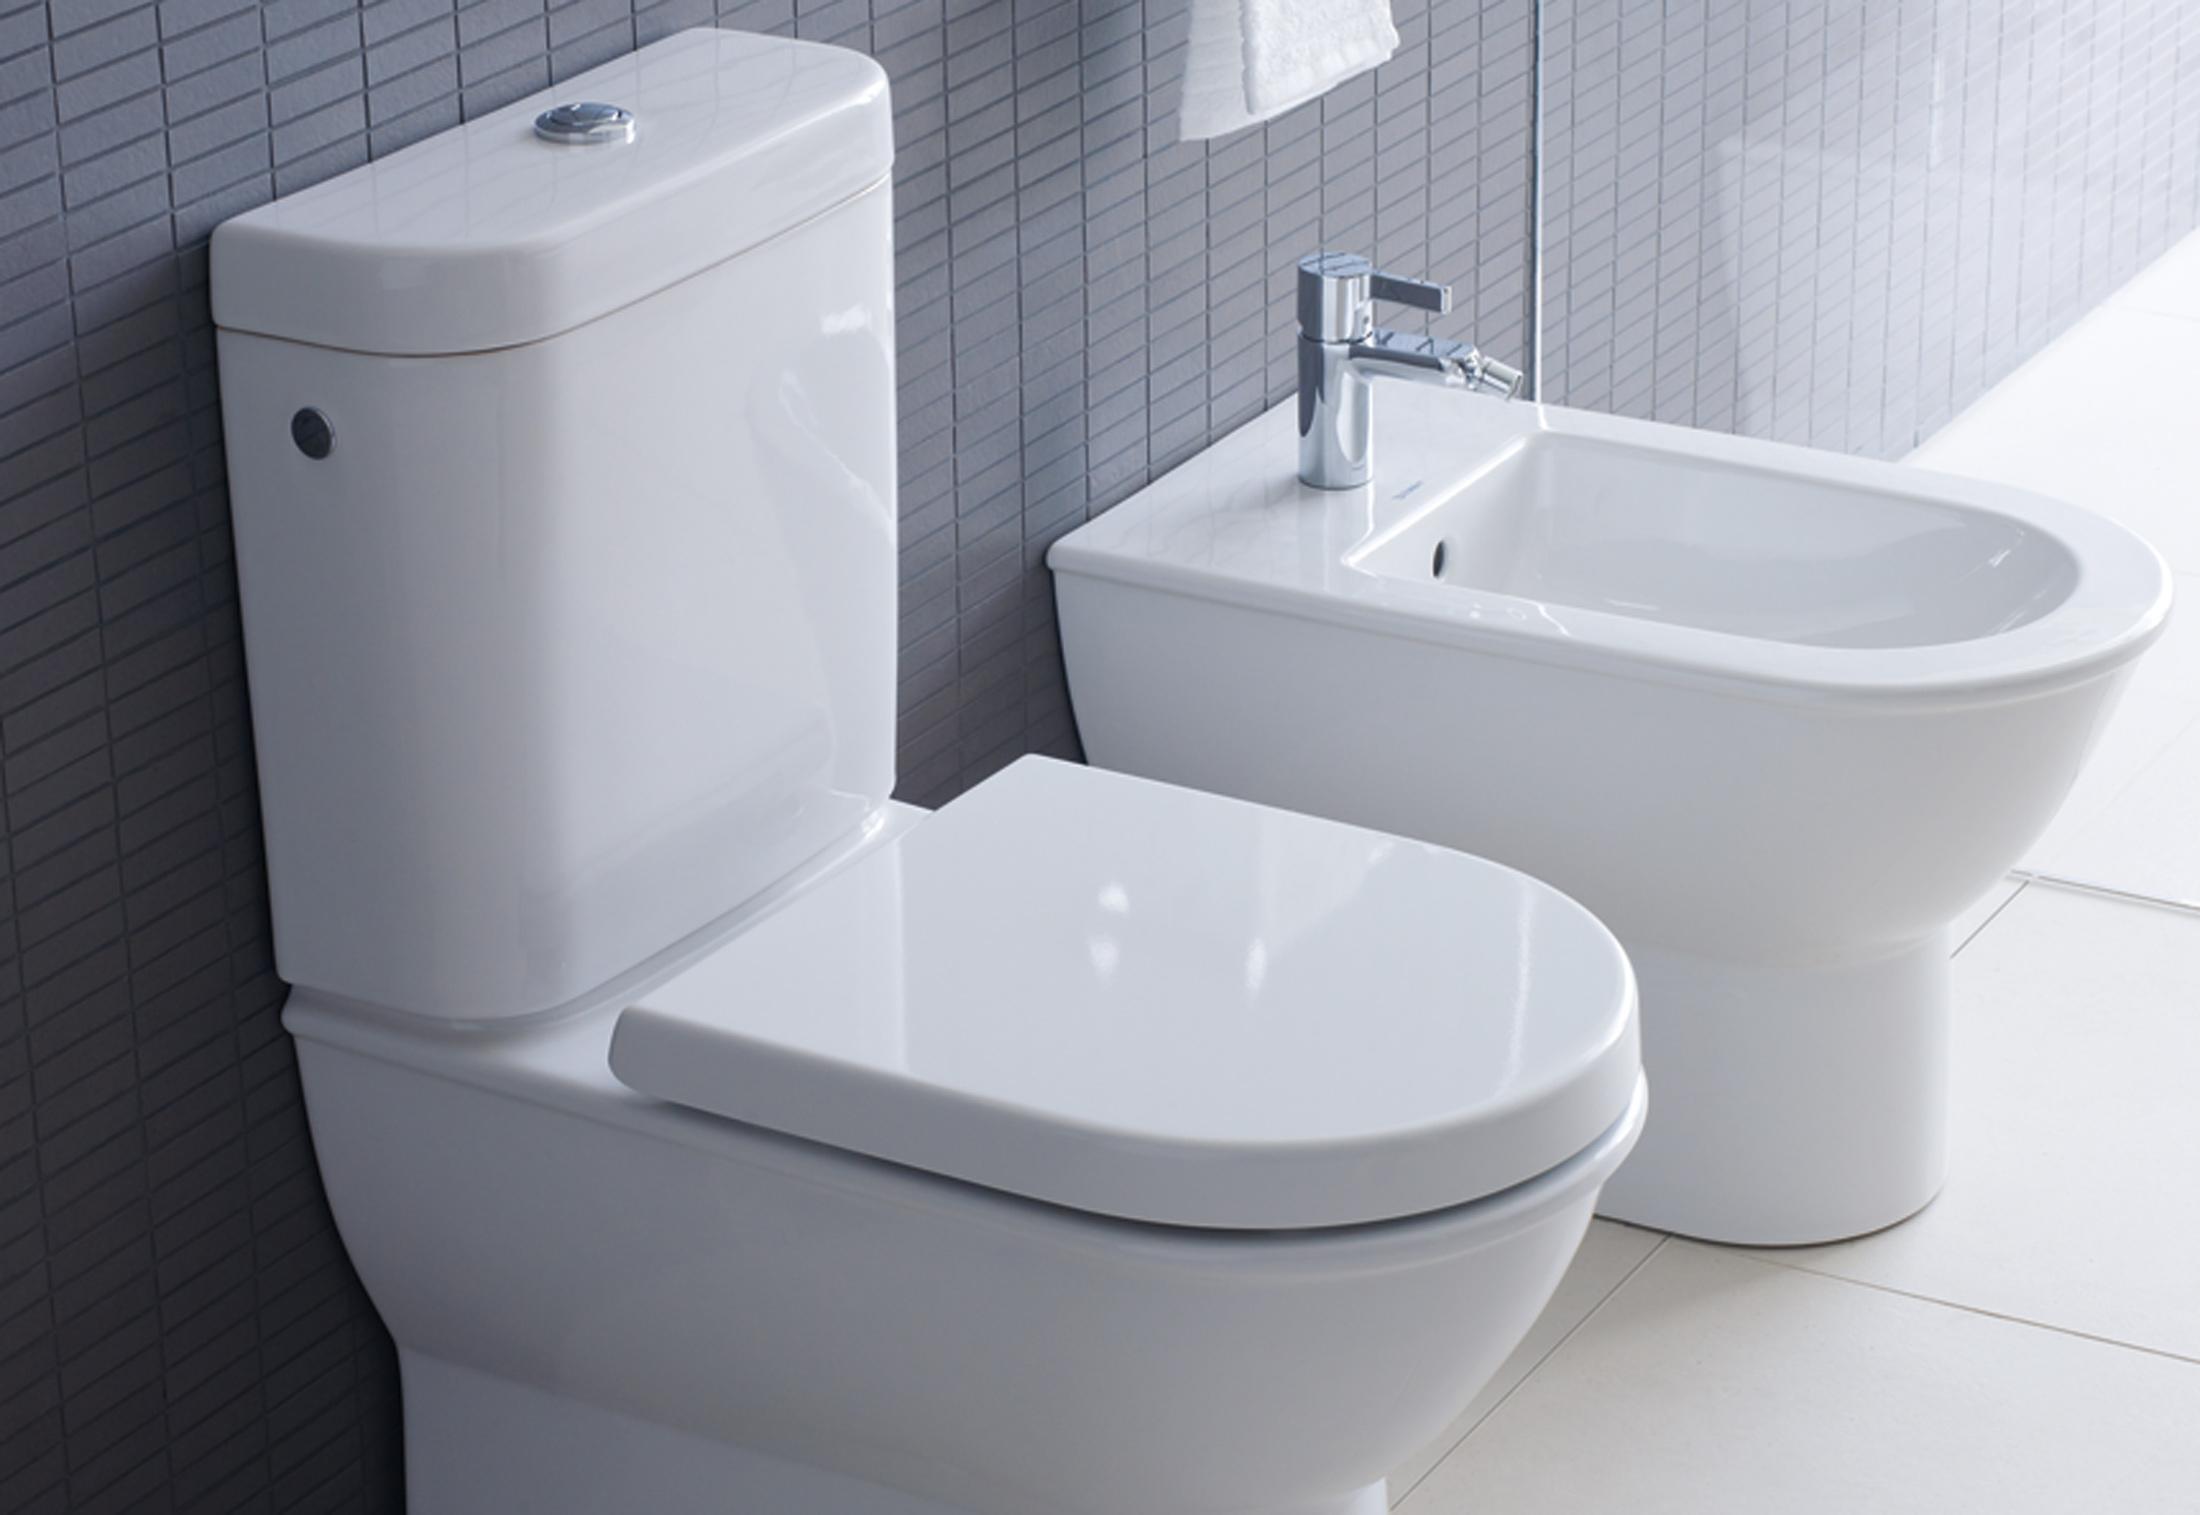 randloses stand wc affordable design line carina. Black Bedroom Furniture Sets. Home Design Ideas